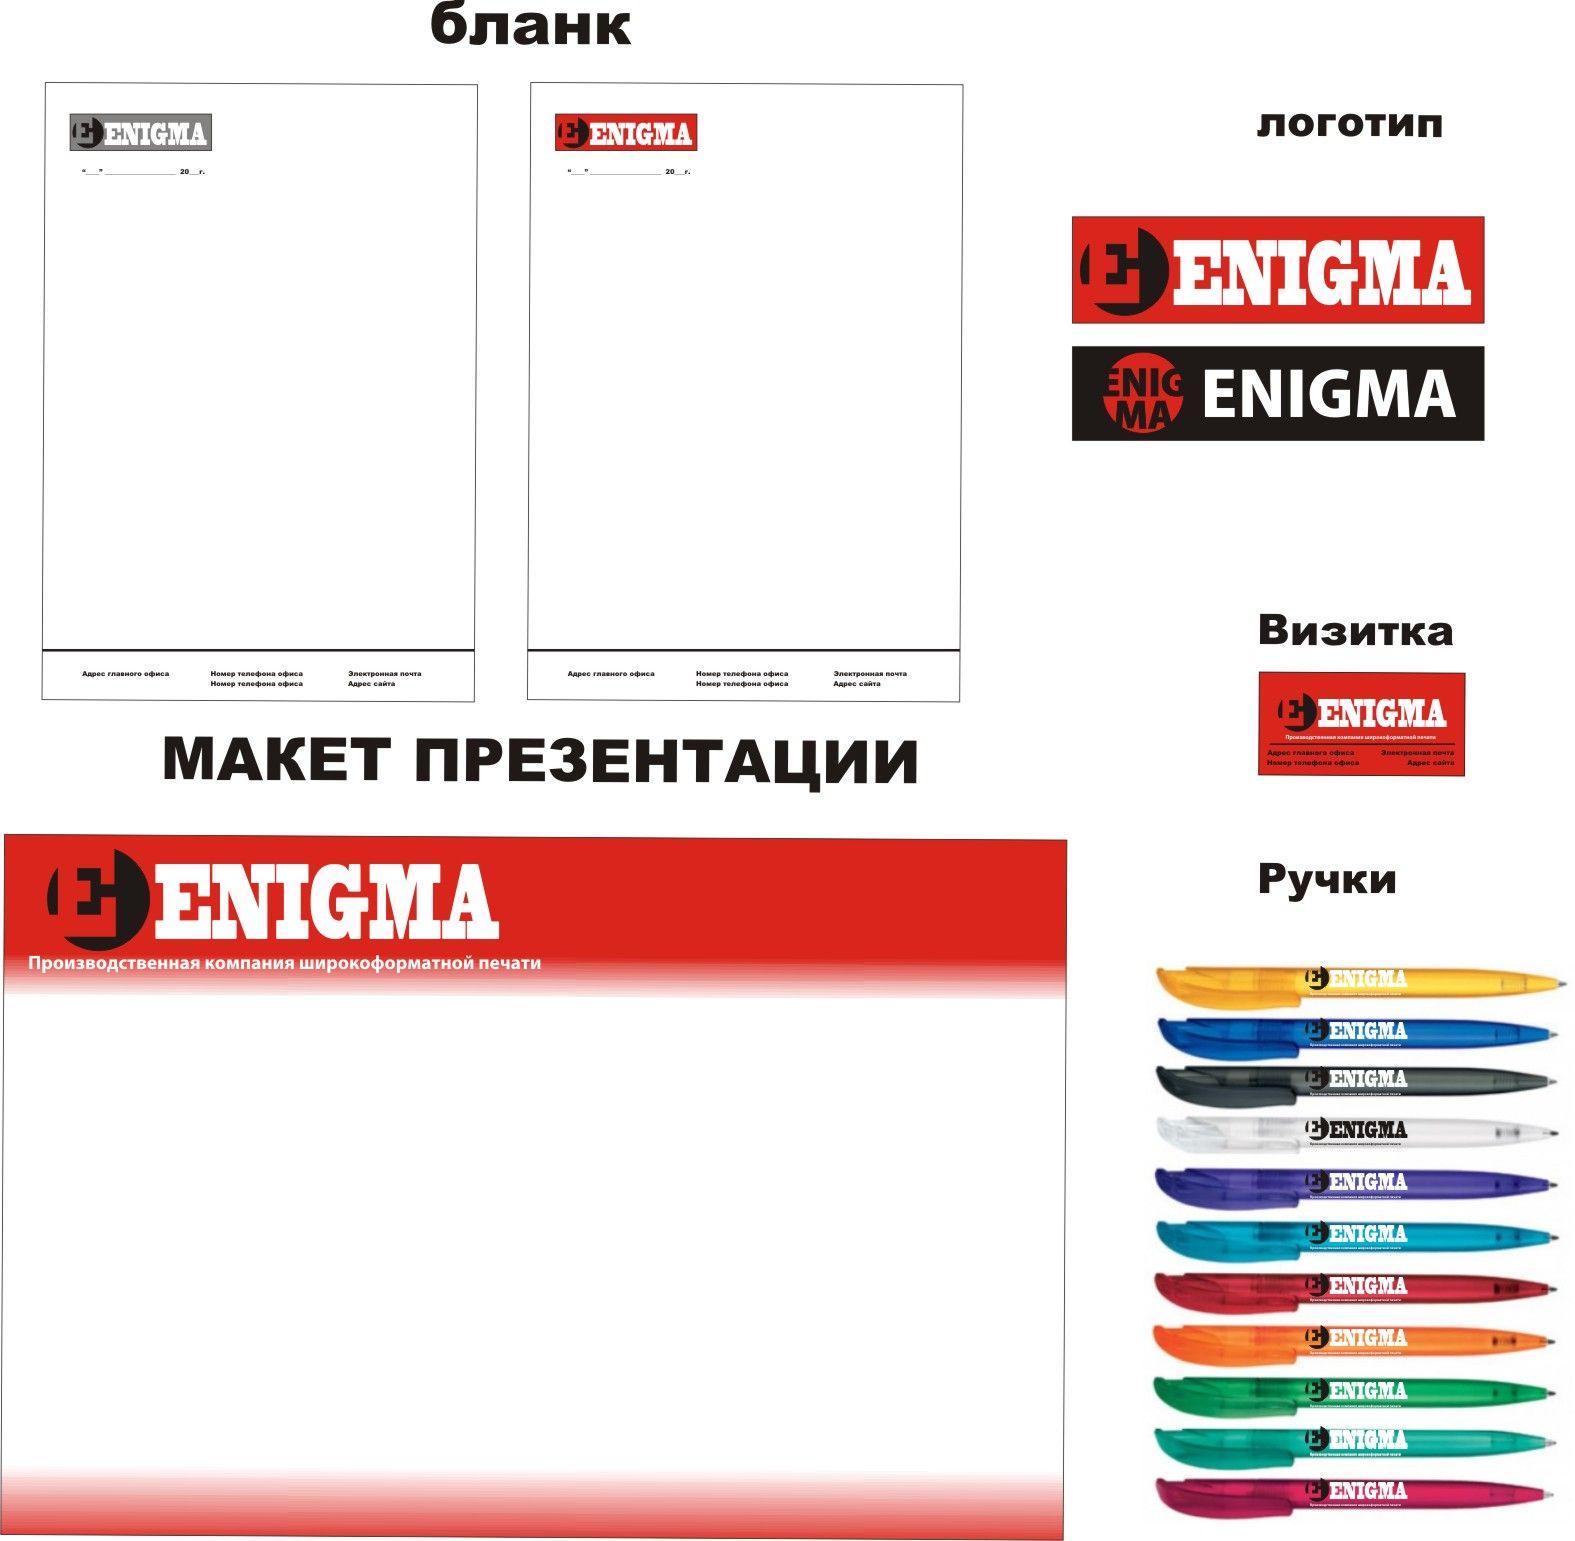 Логотип и фирмстиль для Enigma - дизайнер Evgenia_021